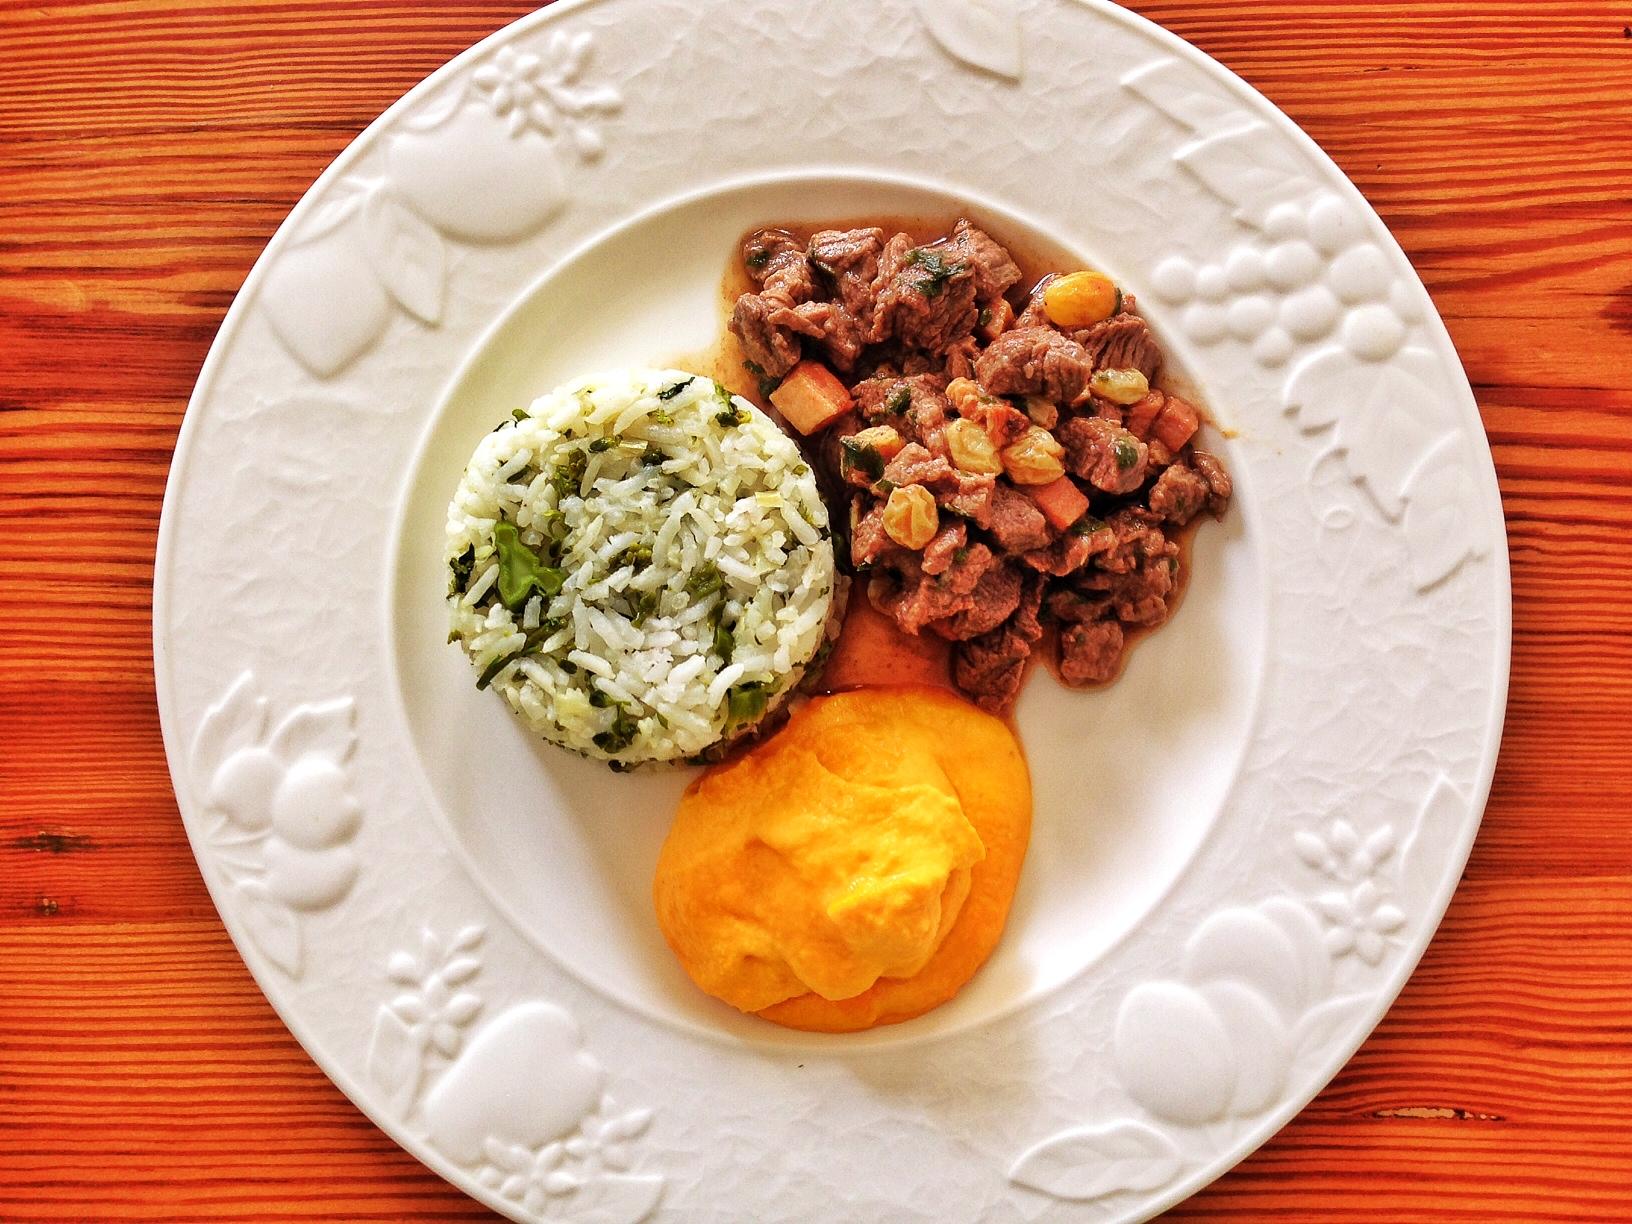 Picadinho Divino: picadinho de filé mignon com uvas passas + arroz de brócolis + purê de cenoura